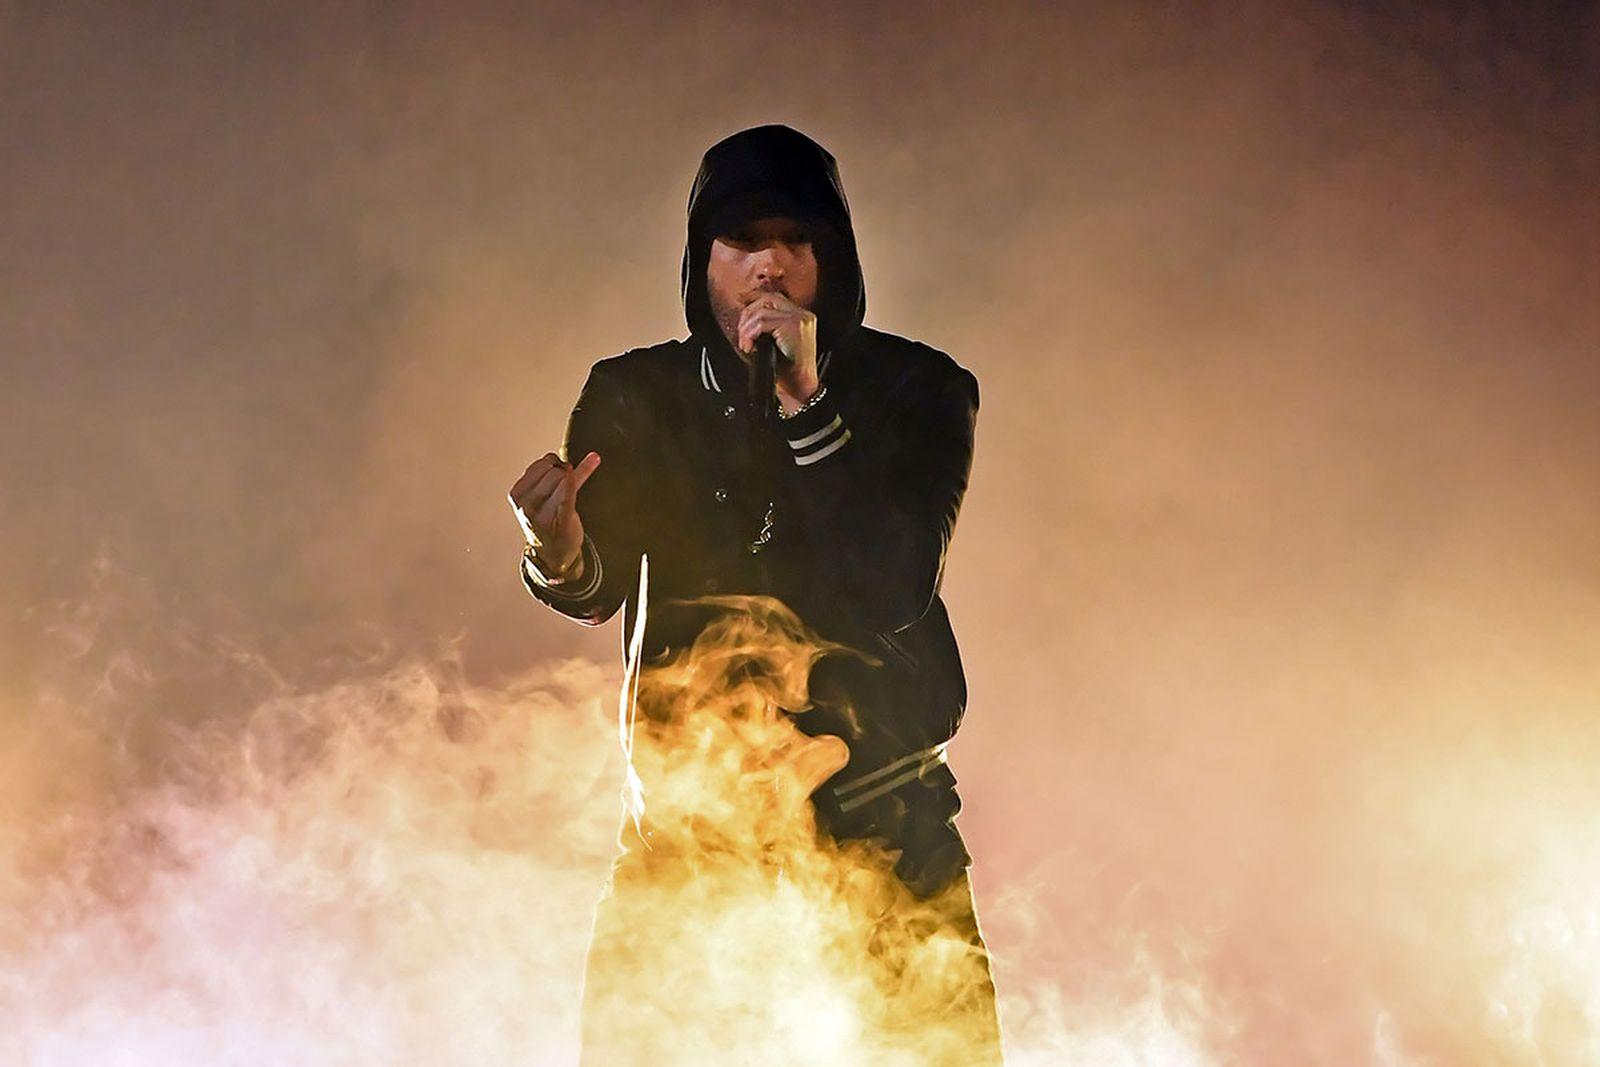 rap battle history 50 cent Cardi B Jay Z